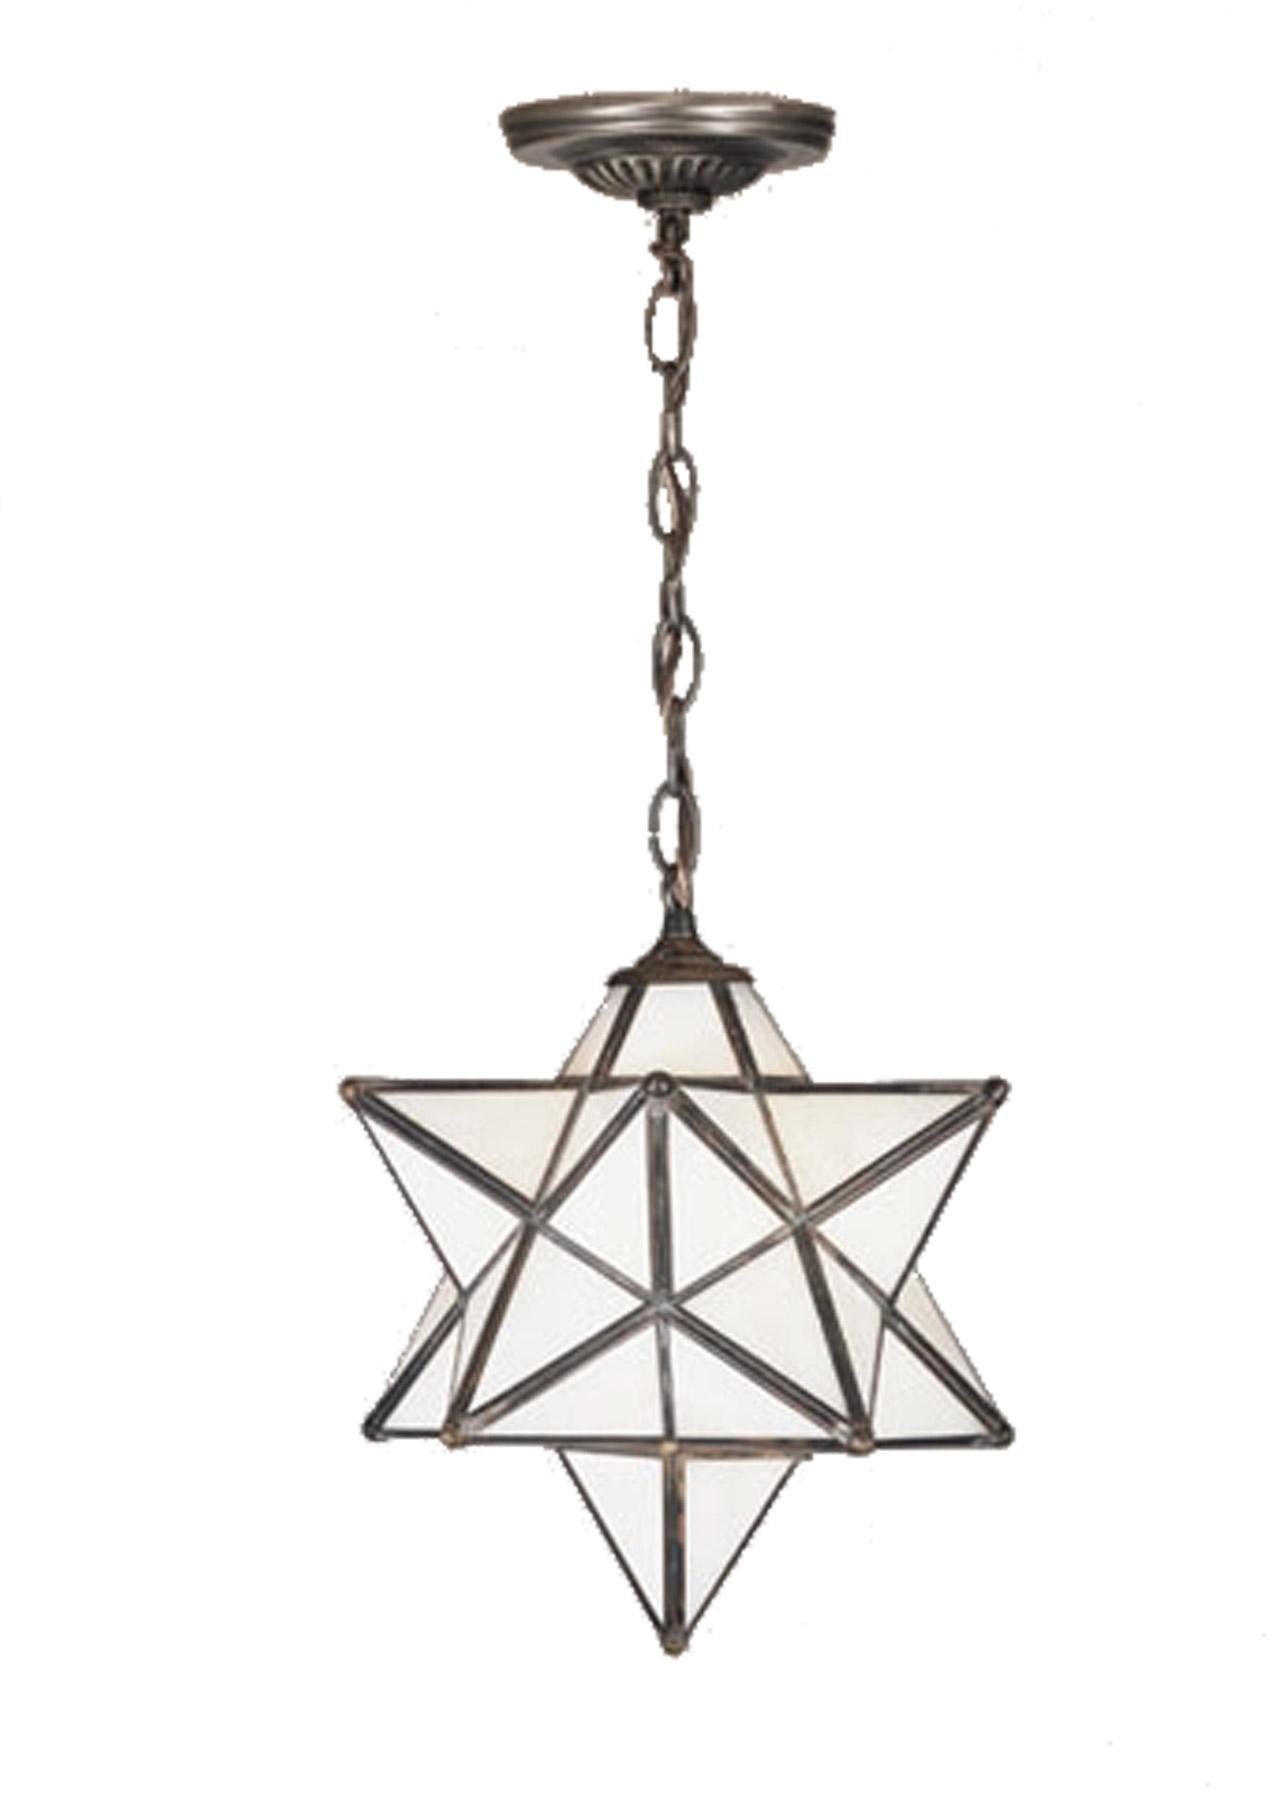 home ceiling lighting pendant hanging lamps standard pendants. Black Bedroom Furniture Sets. Home Design Ideas